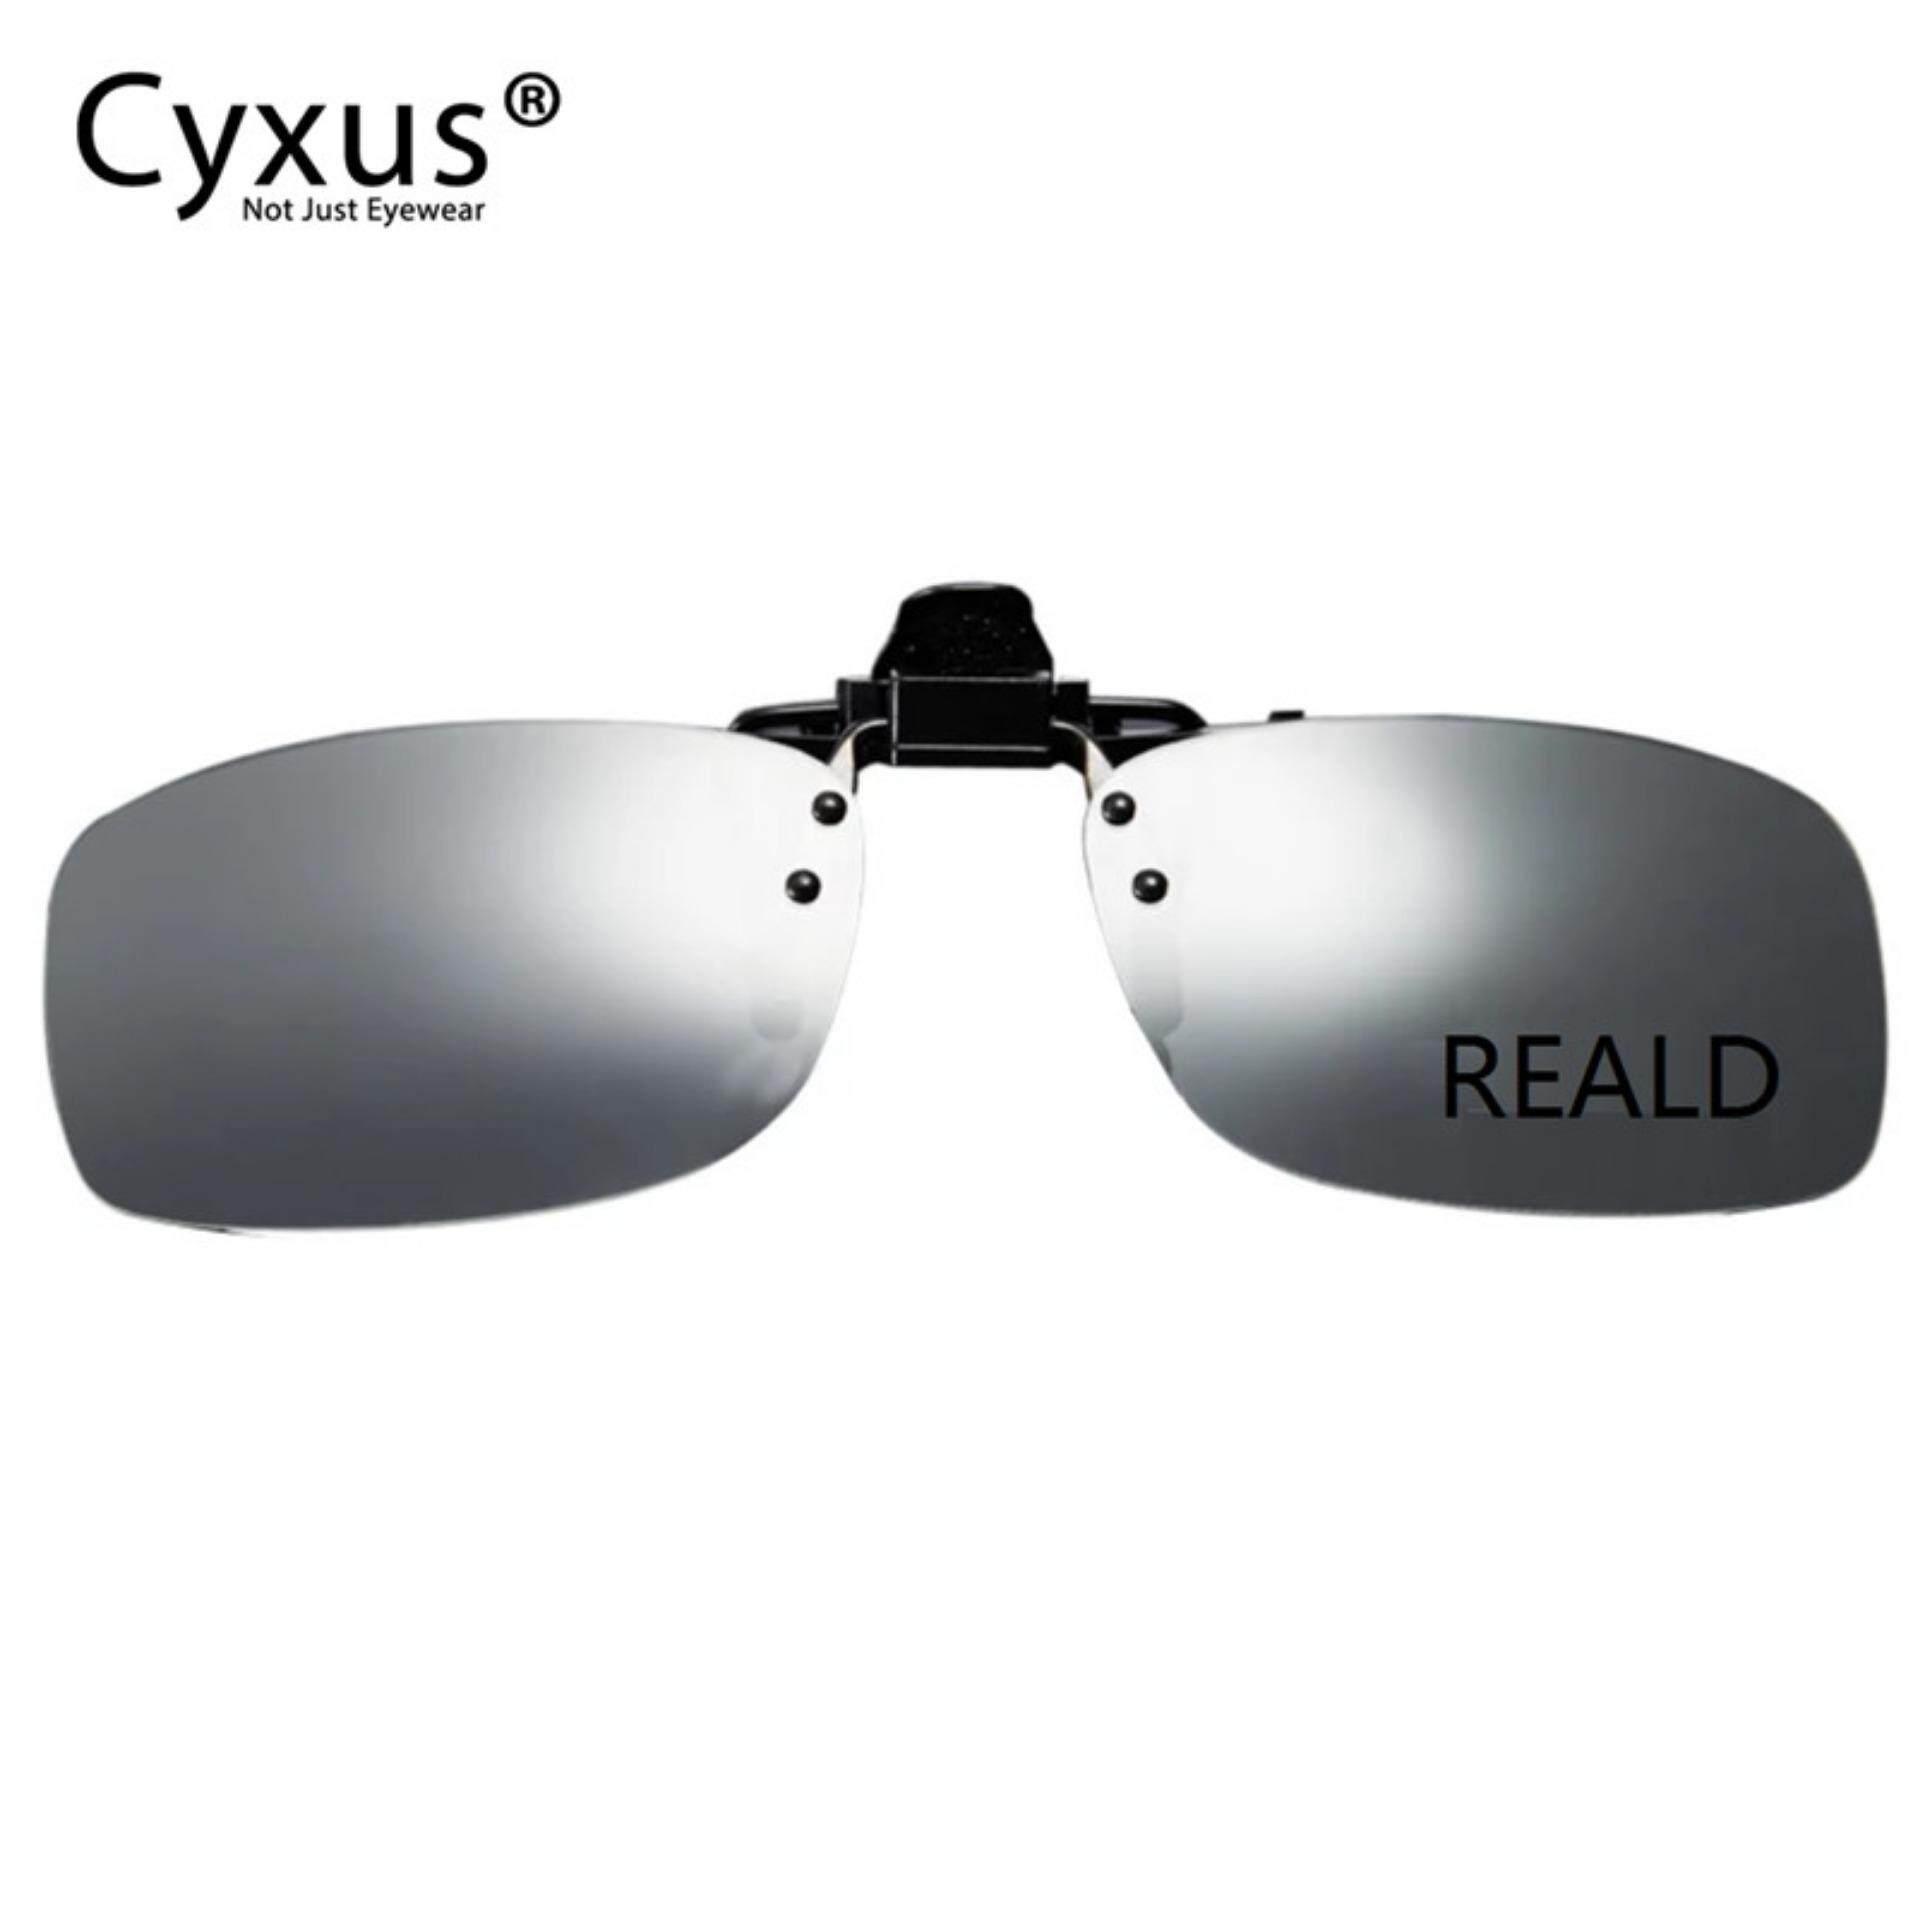 Cyxus Clip-On 3d Reald แว่นตามีความละเอียดสูงเพิ่มความคมชัด.